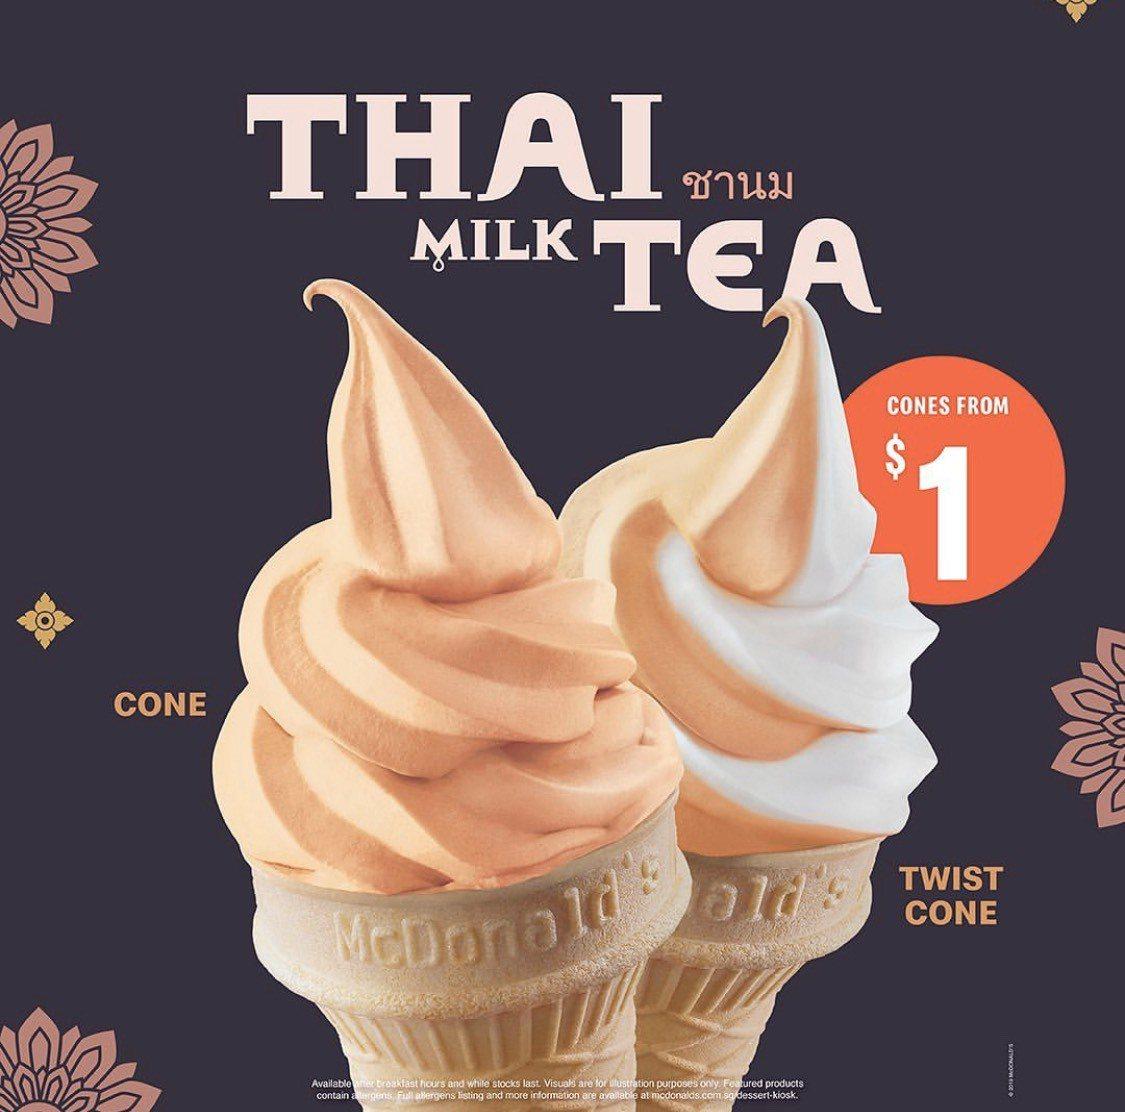 限定款「泰奶霜淇淋」充滿濃厚東南亞風情。圖/取自McDonald's Singa...